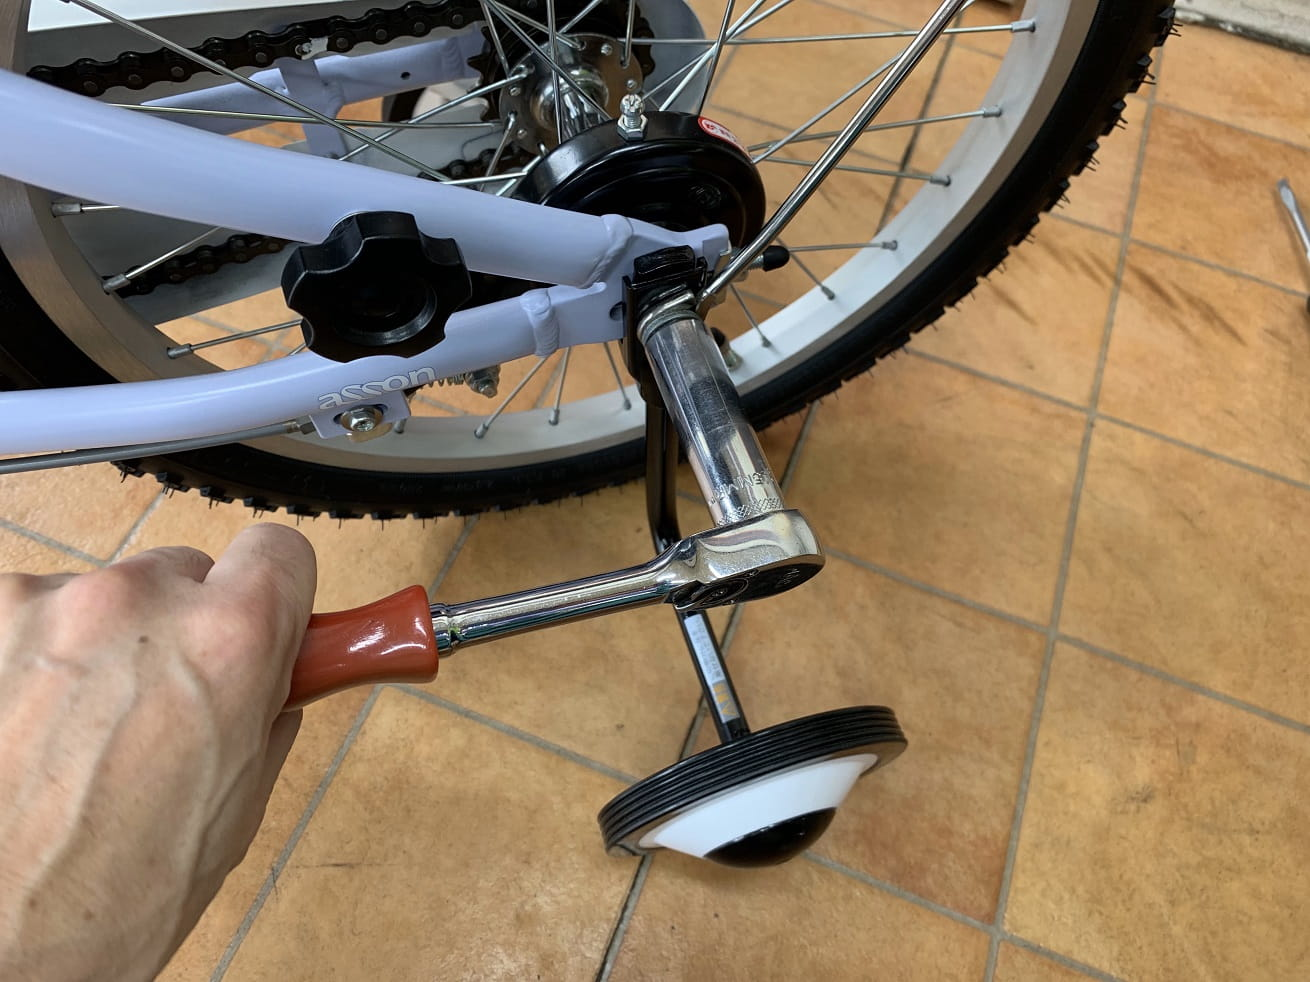 子供自転車補助取り外しのためナットを工具で緩める